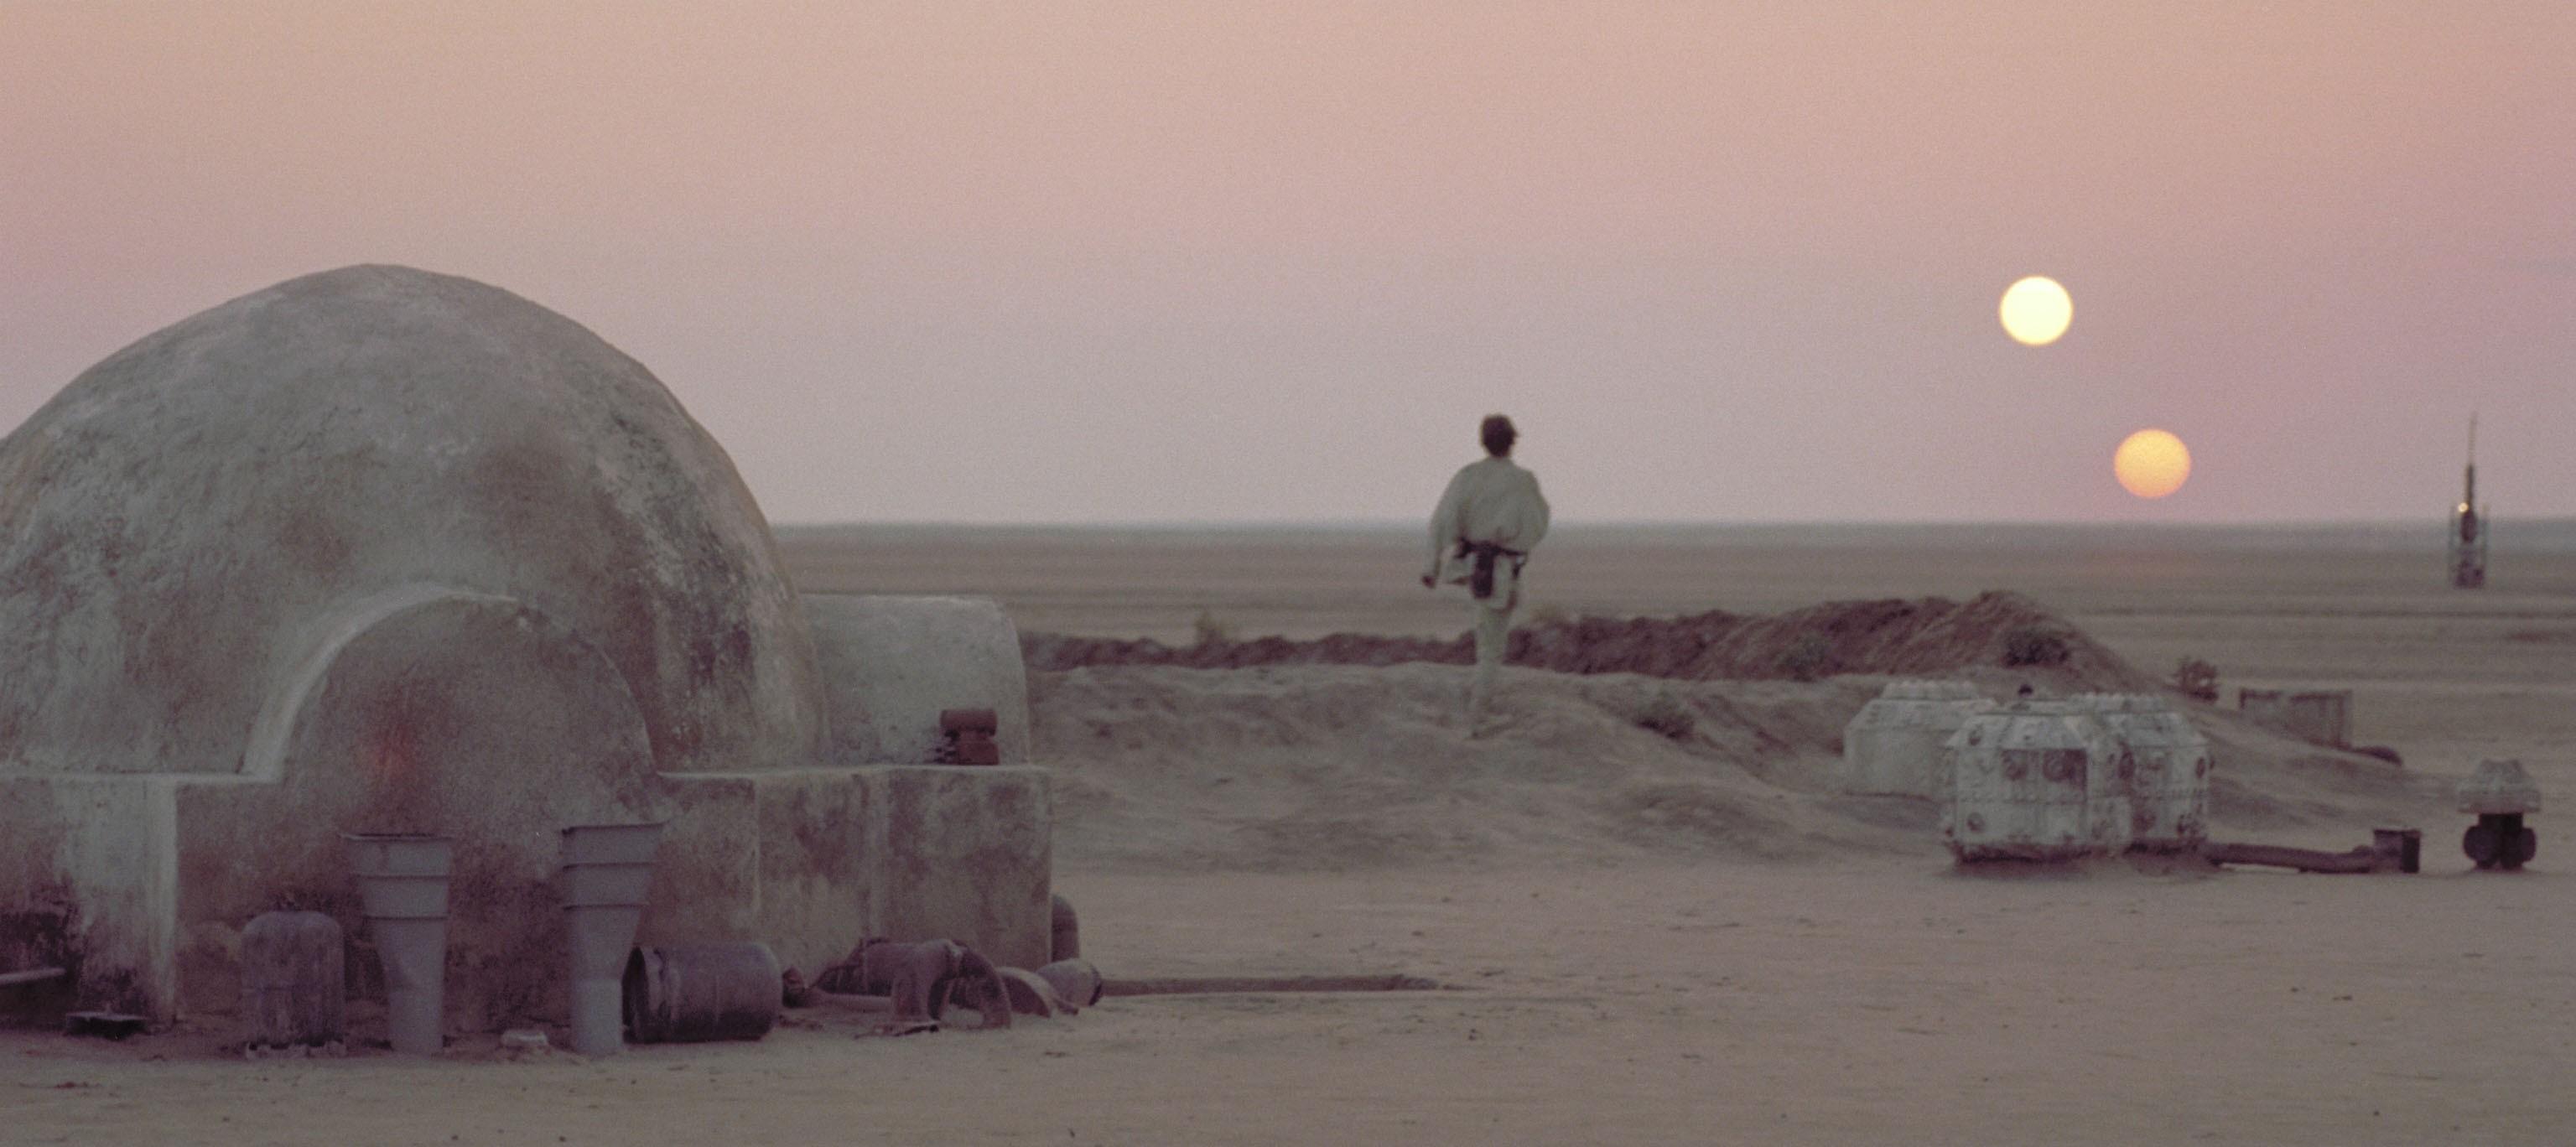 Parece Tatooine, mas é real (Foto: Divulgação)